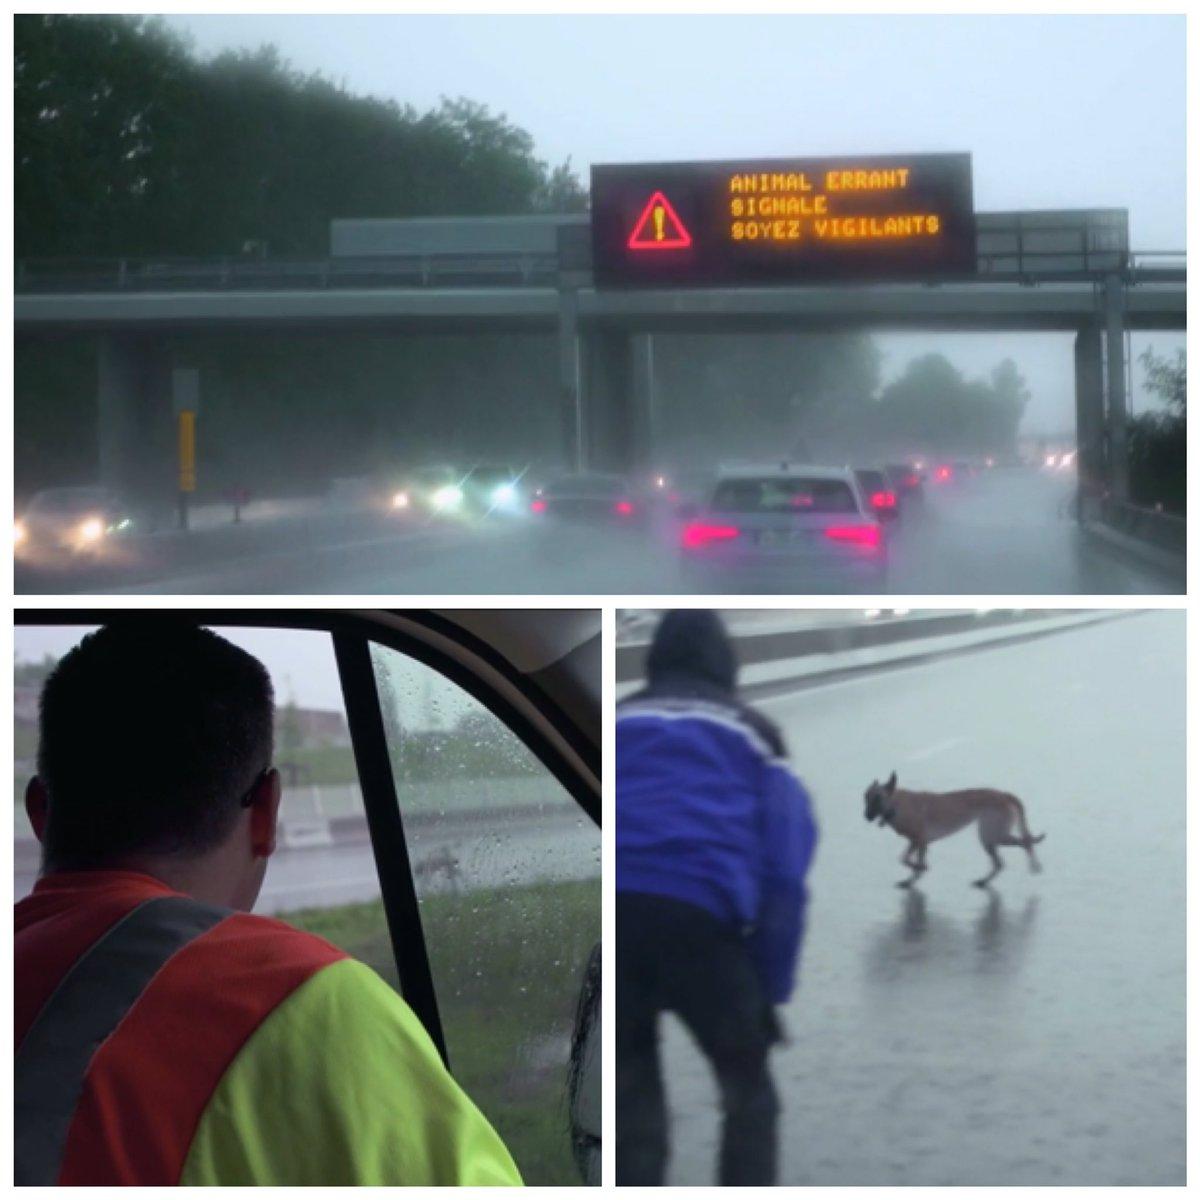 Un #chien errant sur l'autoroute met nos #patrouilleurs et nos clients en danger ! Plus que jamais, #APRR aux côtés de @SPA_Officiel contre l'abandon #aprrcontrelabandon #leshommesdelautoroute